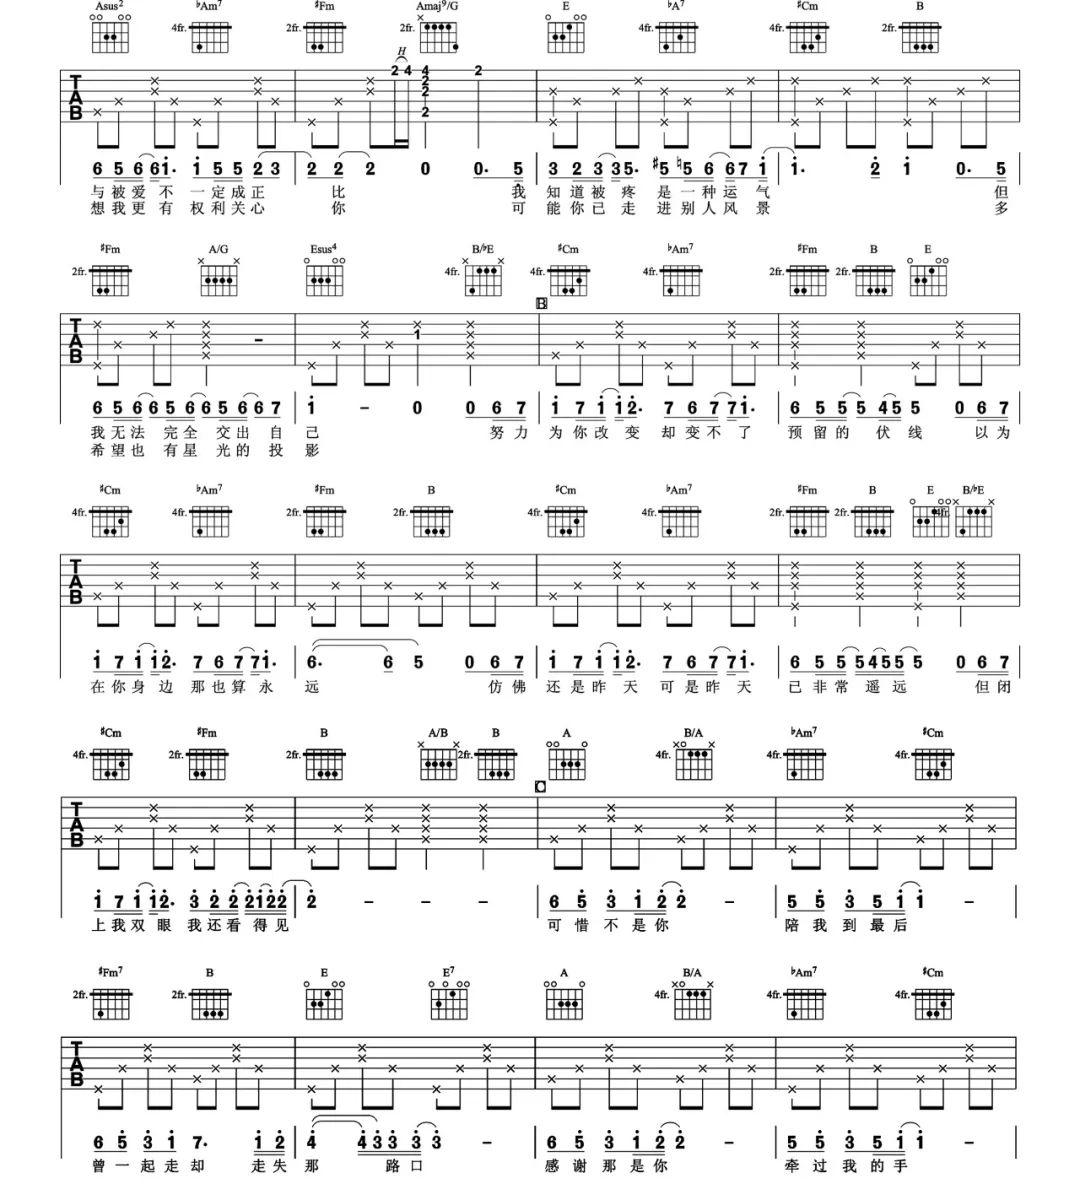 吉他派《可惜不是你》吉他谱-2